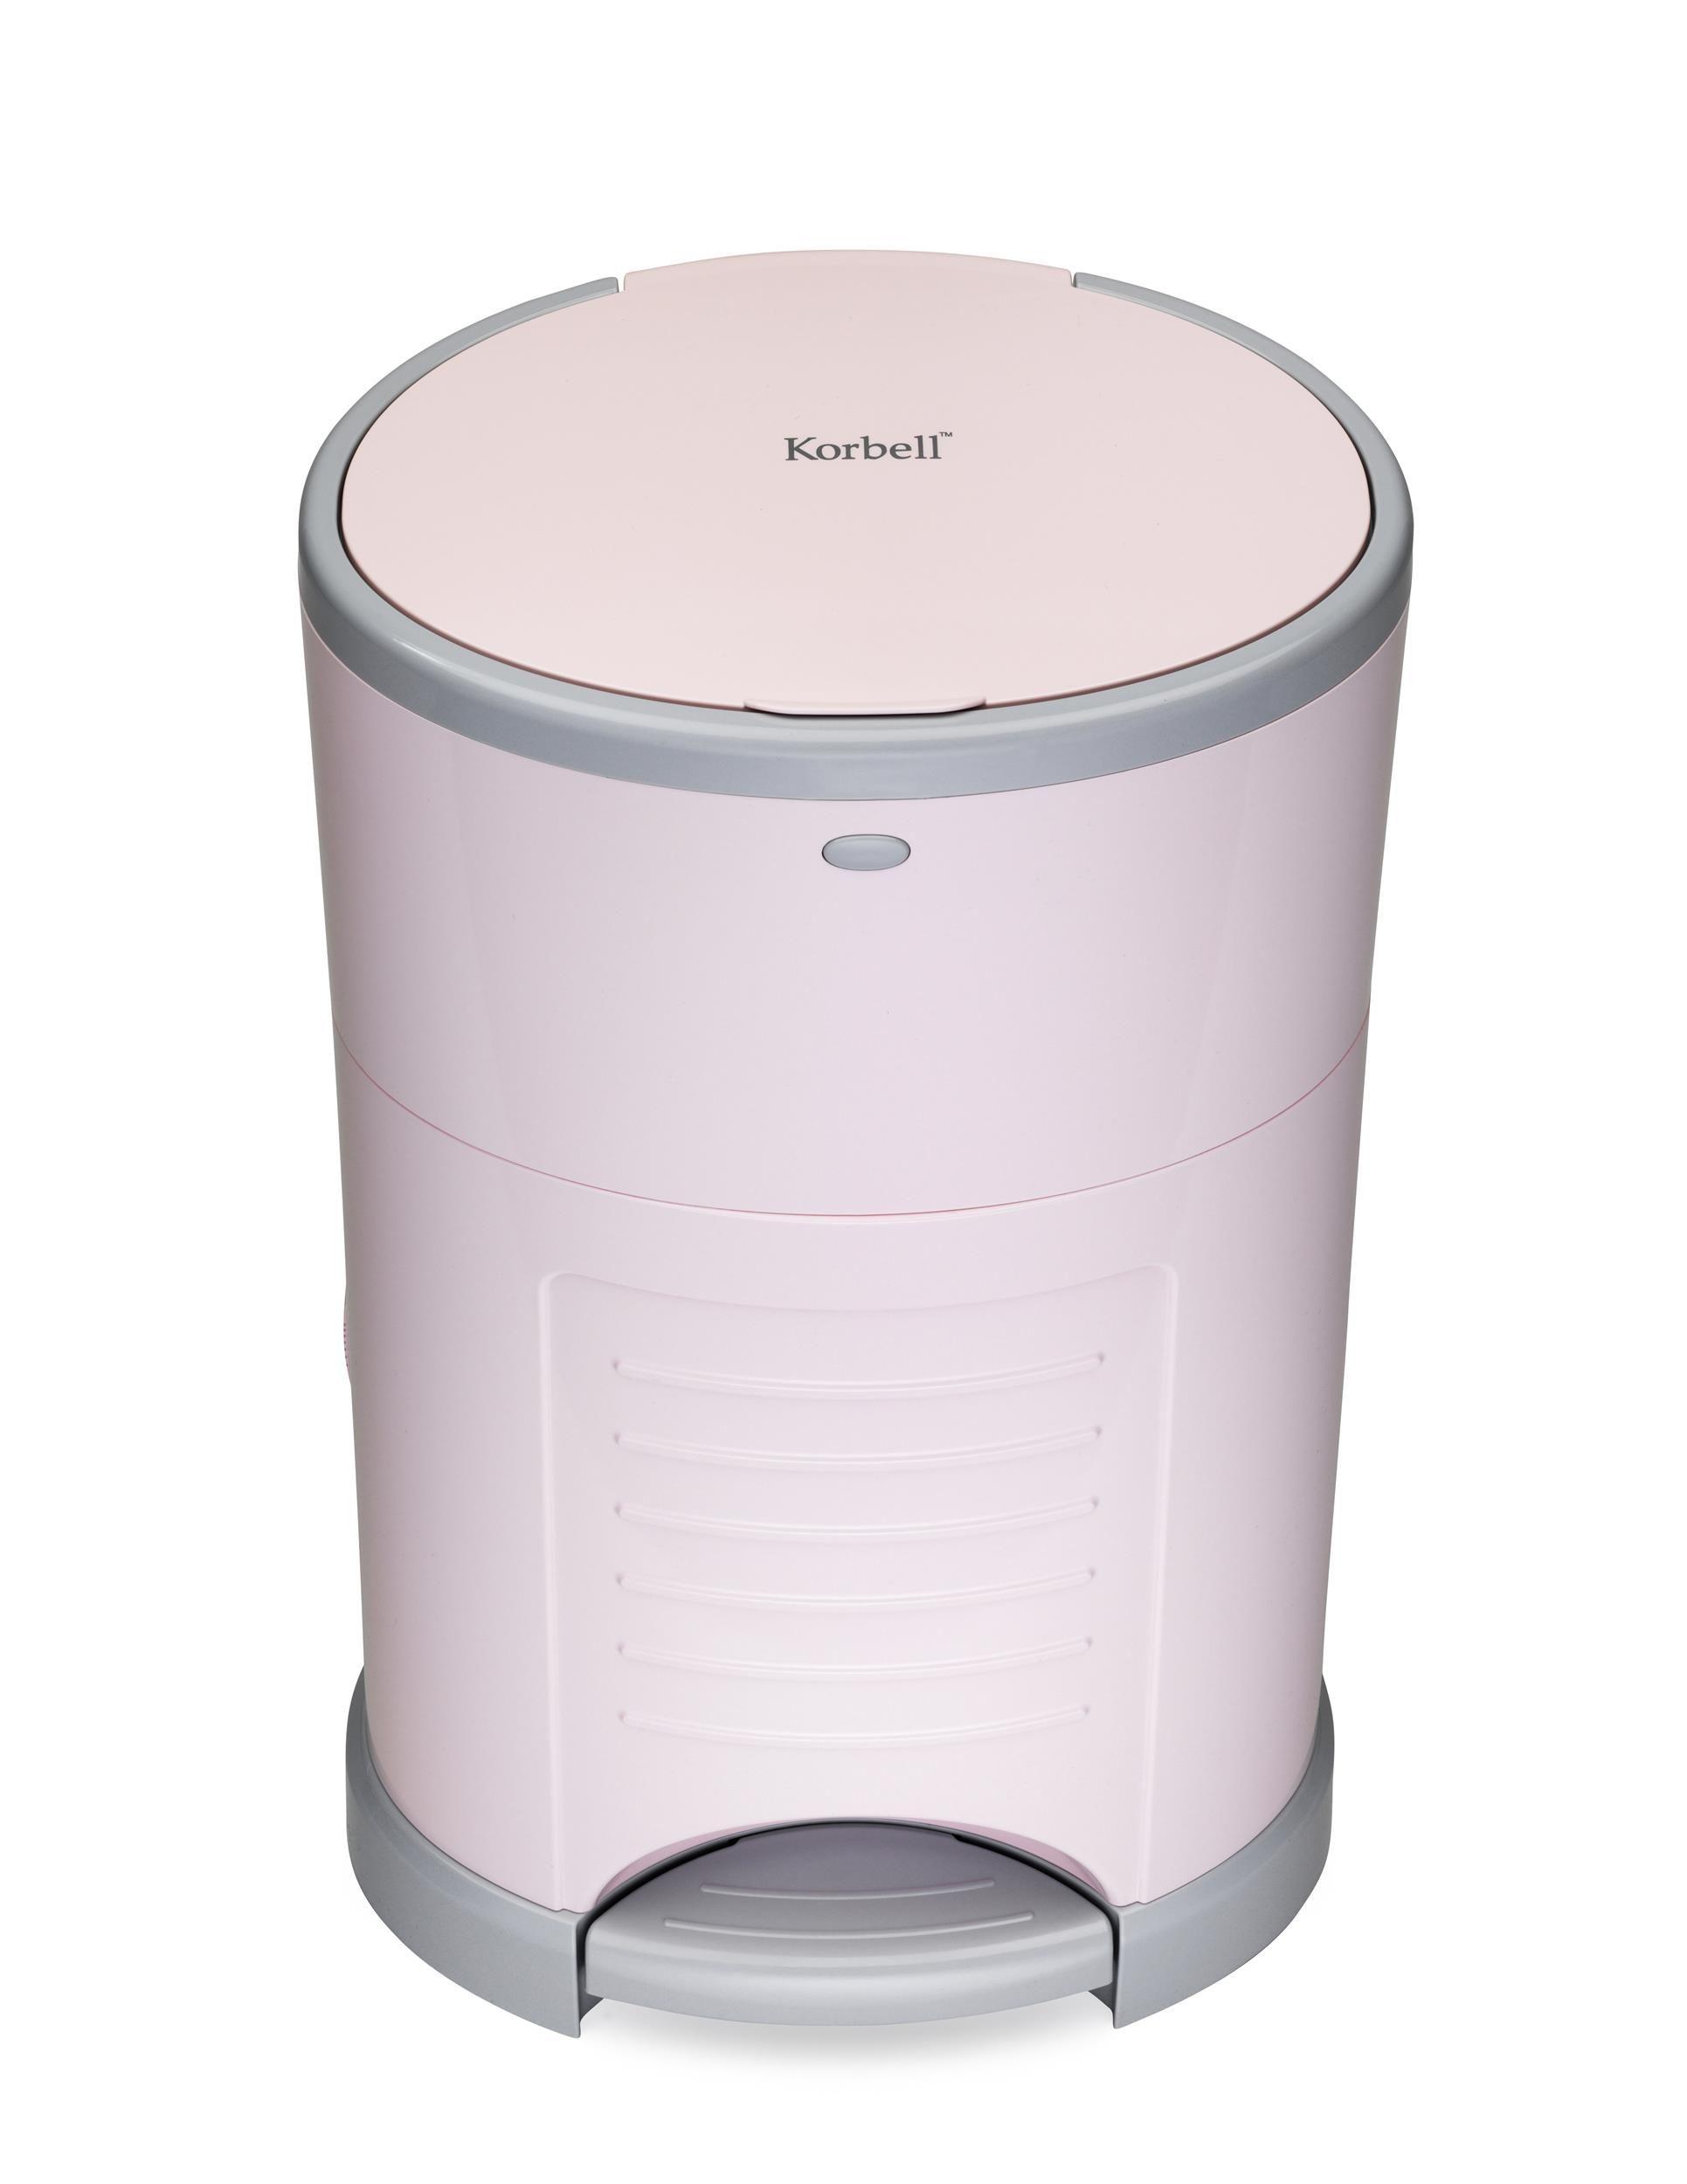 Luieremmer pink avec images poubelle chambre b b - Poubelle chambre bebe ...